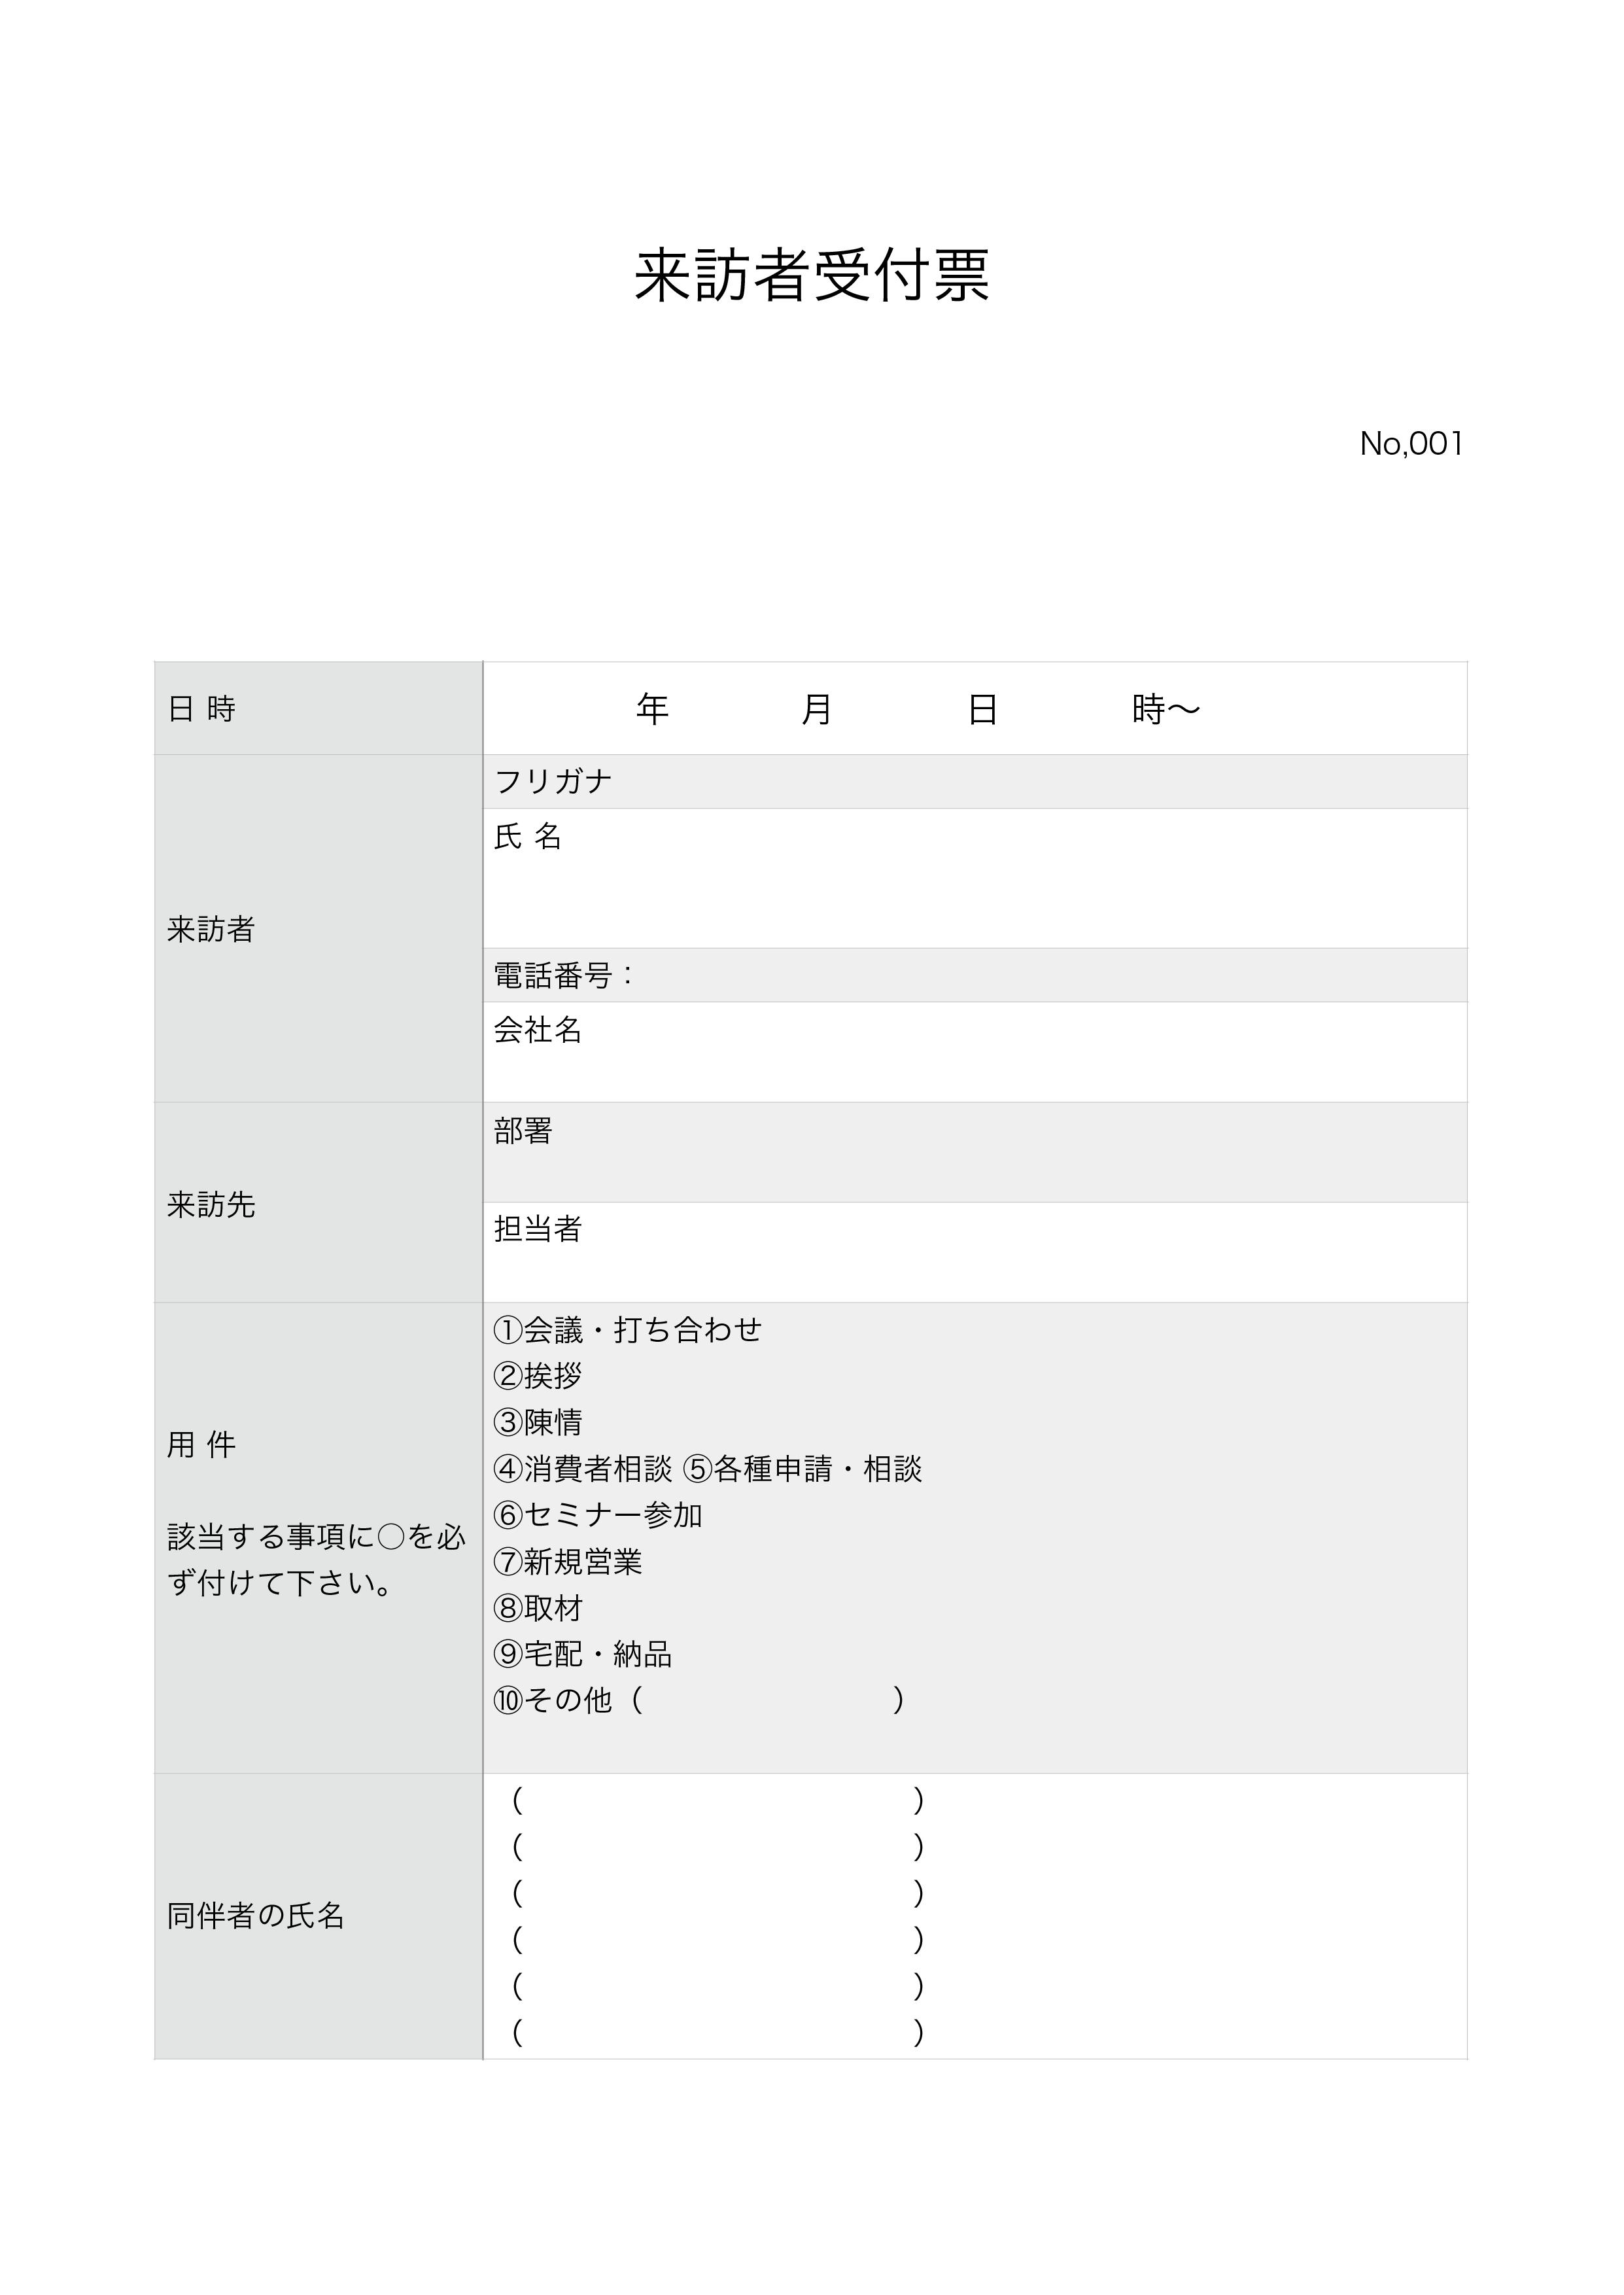 来訪者受付票のテンプレート 一人分/A4サイズ (ワード、ページズ)